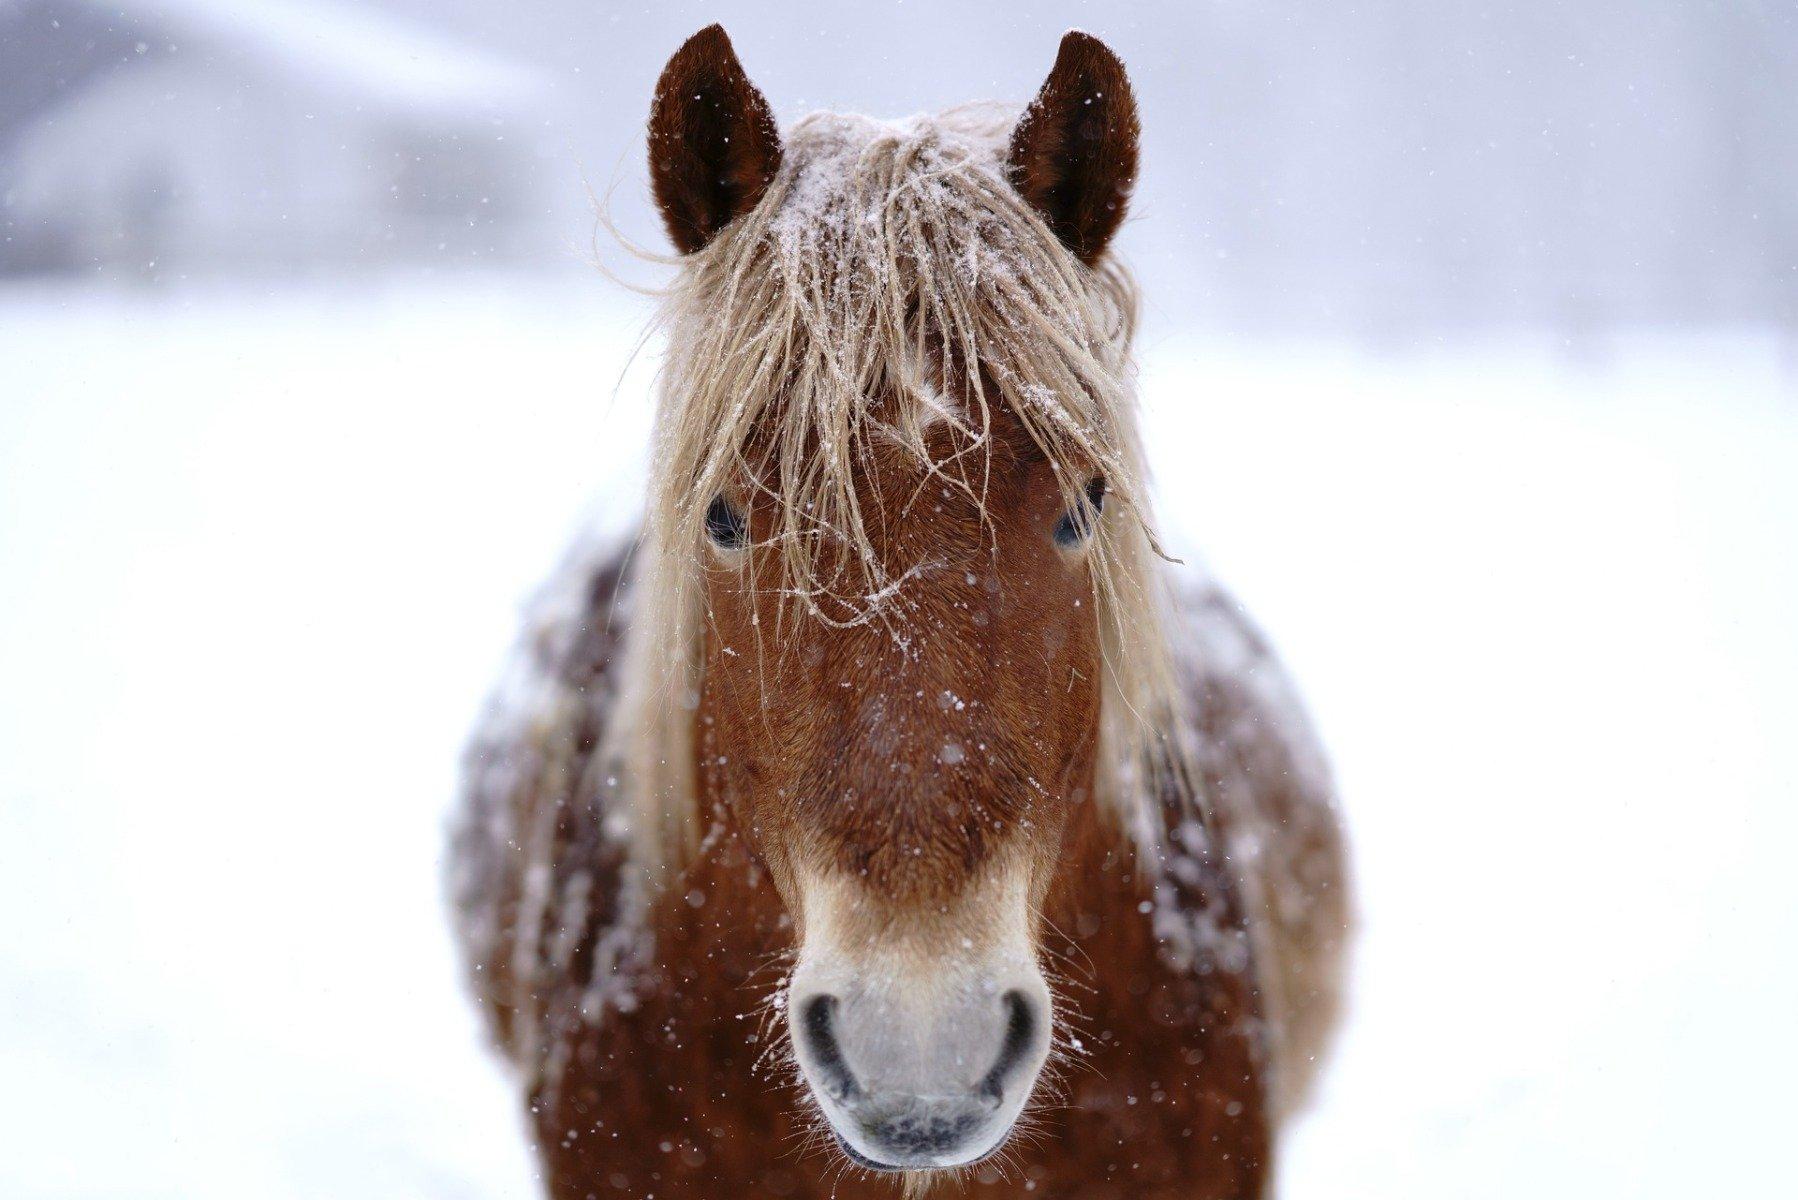 Pferd mit Eiskristallen im Fell